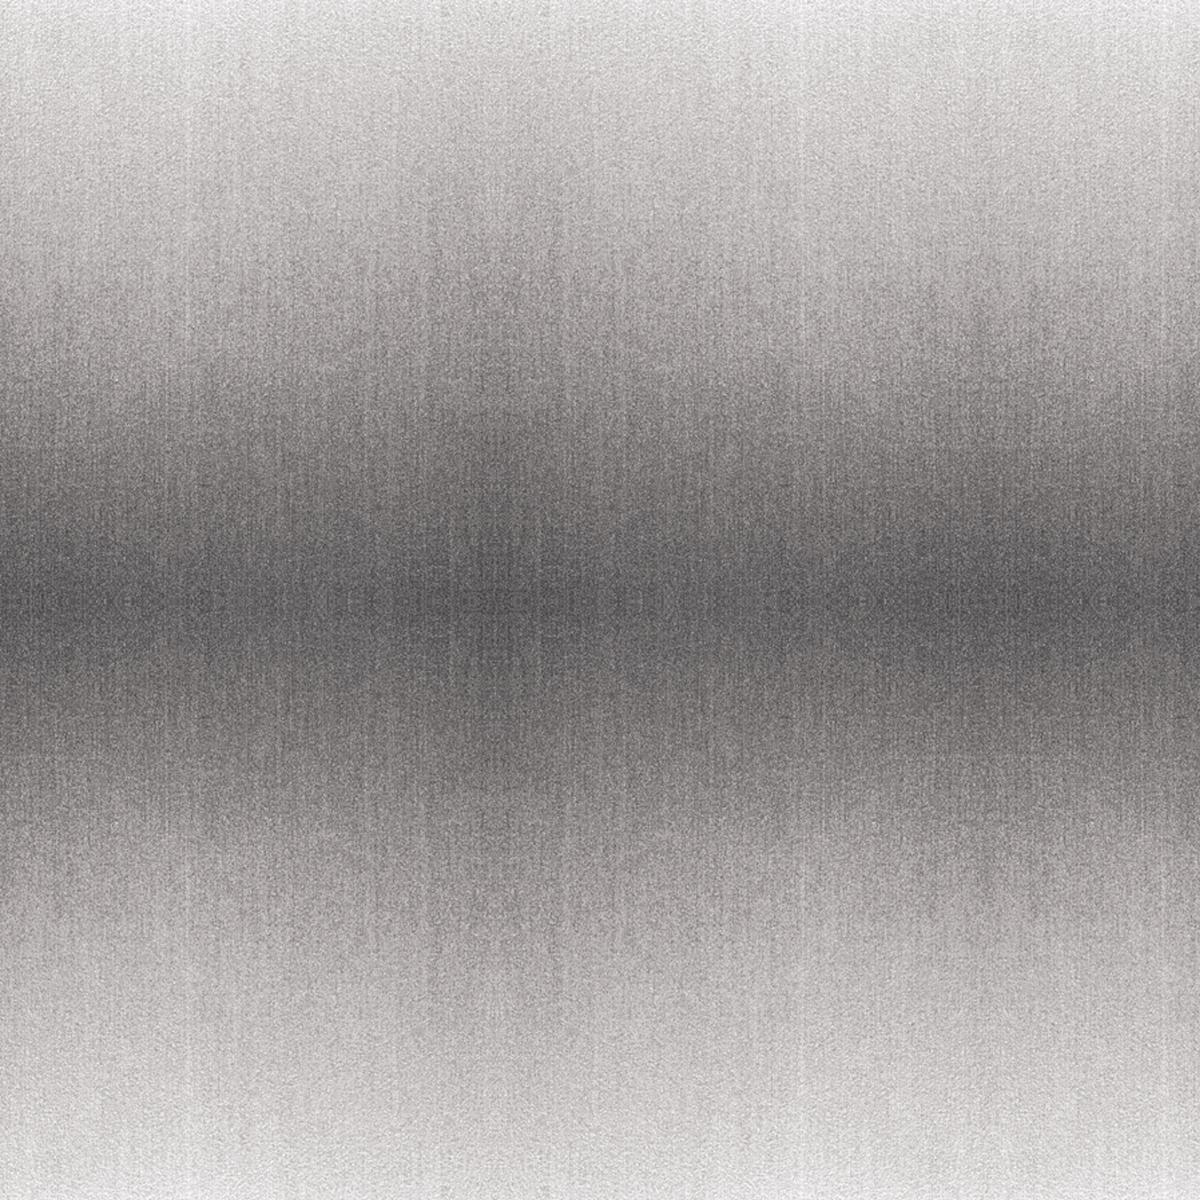 M4190 Satin Aluminum - Formica